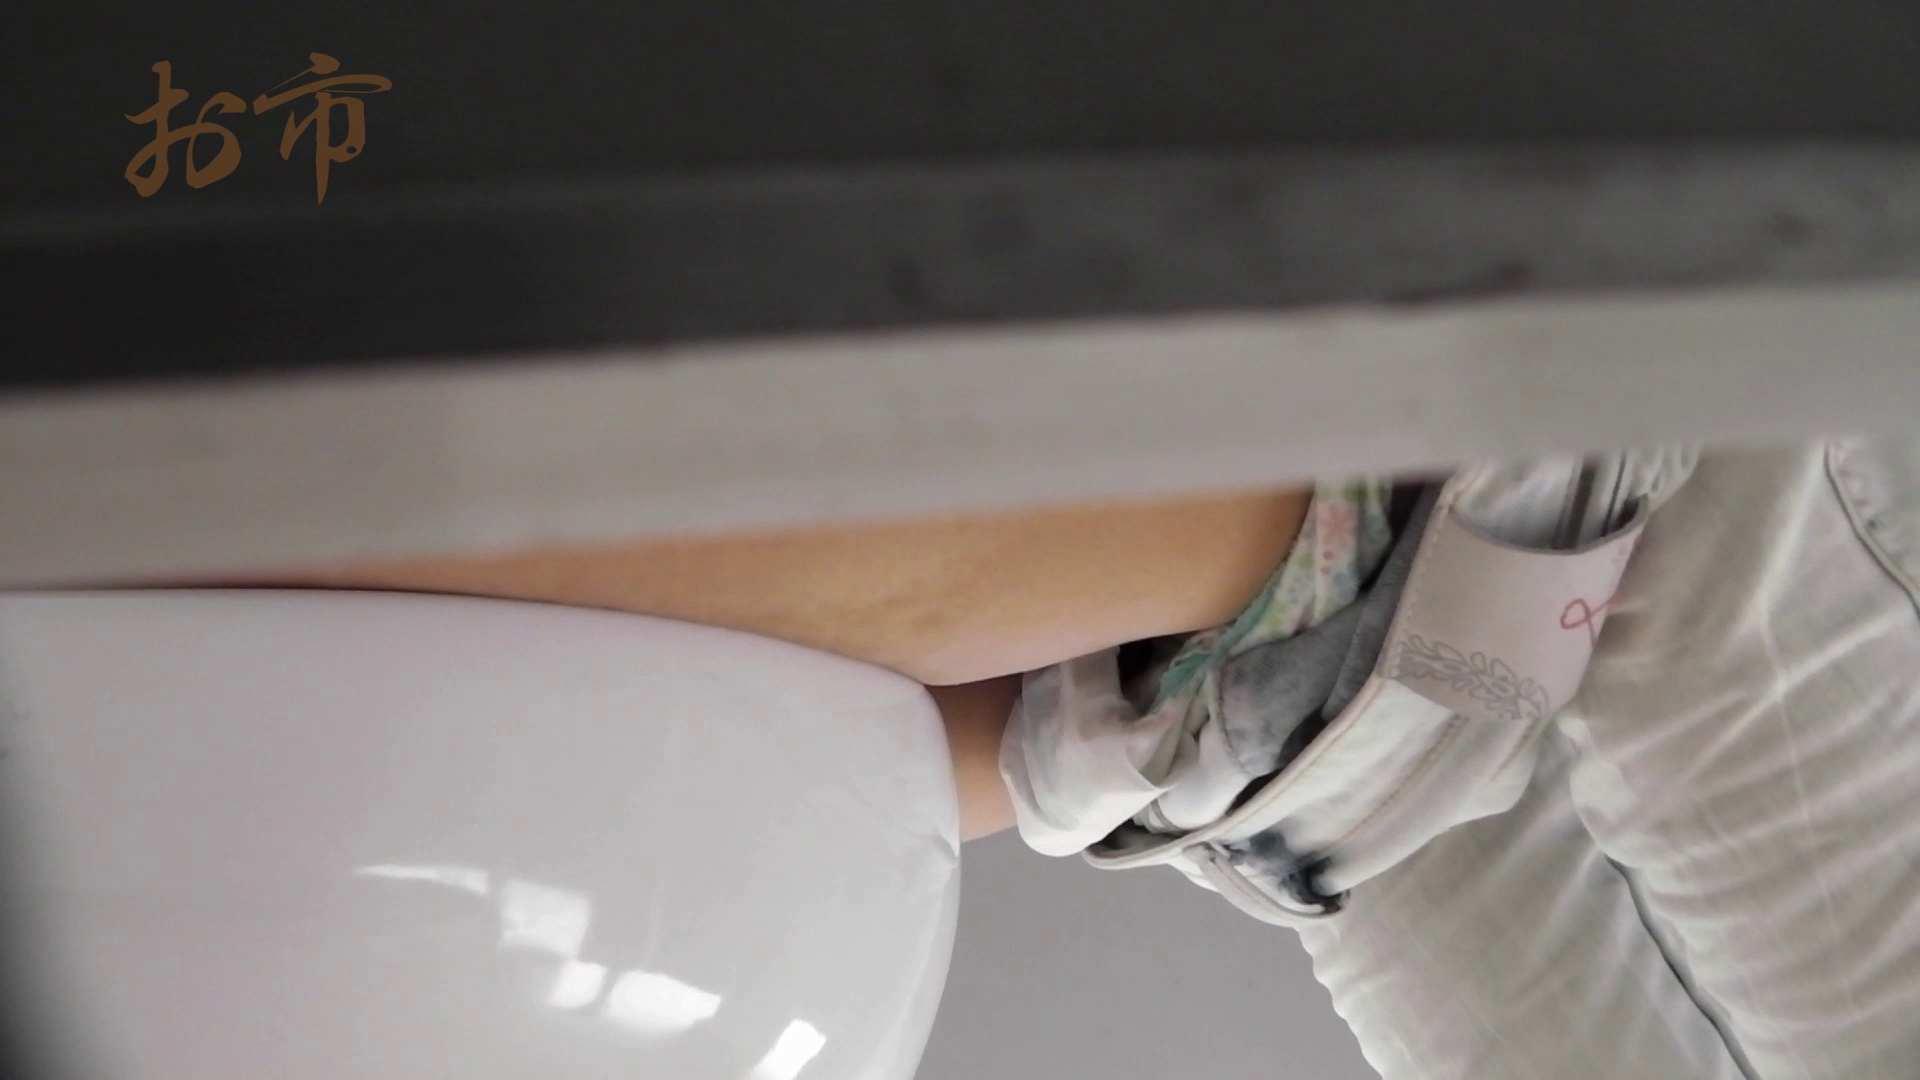 潜入!!台湾名門女学院 Vol.12 長身モデル驚き見たことないシチュエーション 高画質 おめこ無修正動画無料 80枚 60